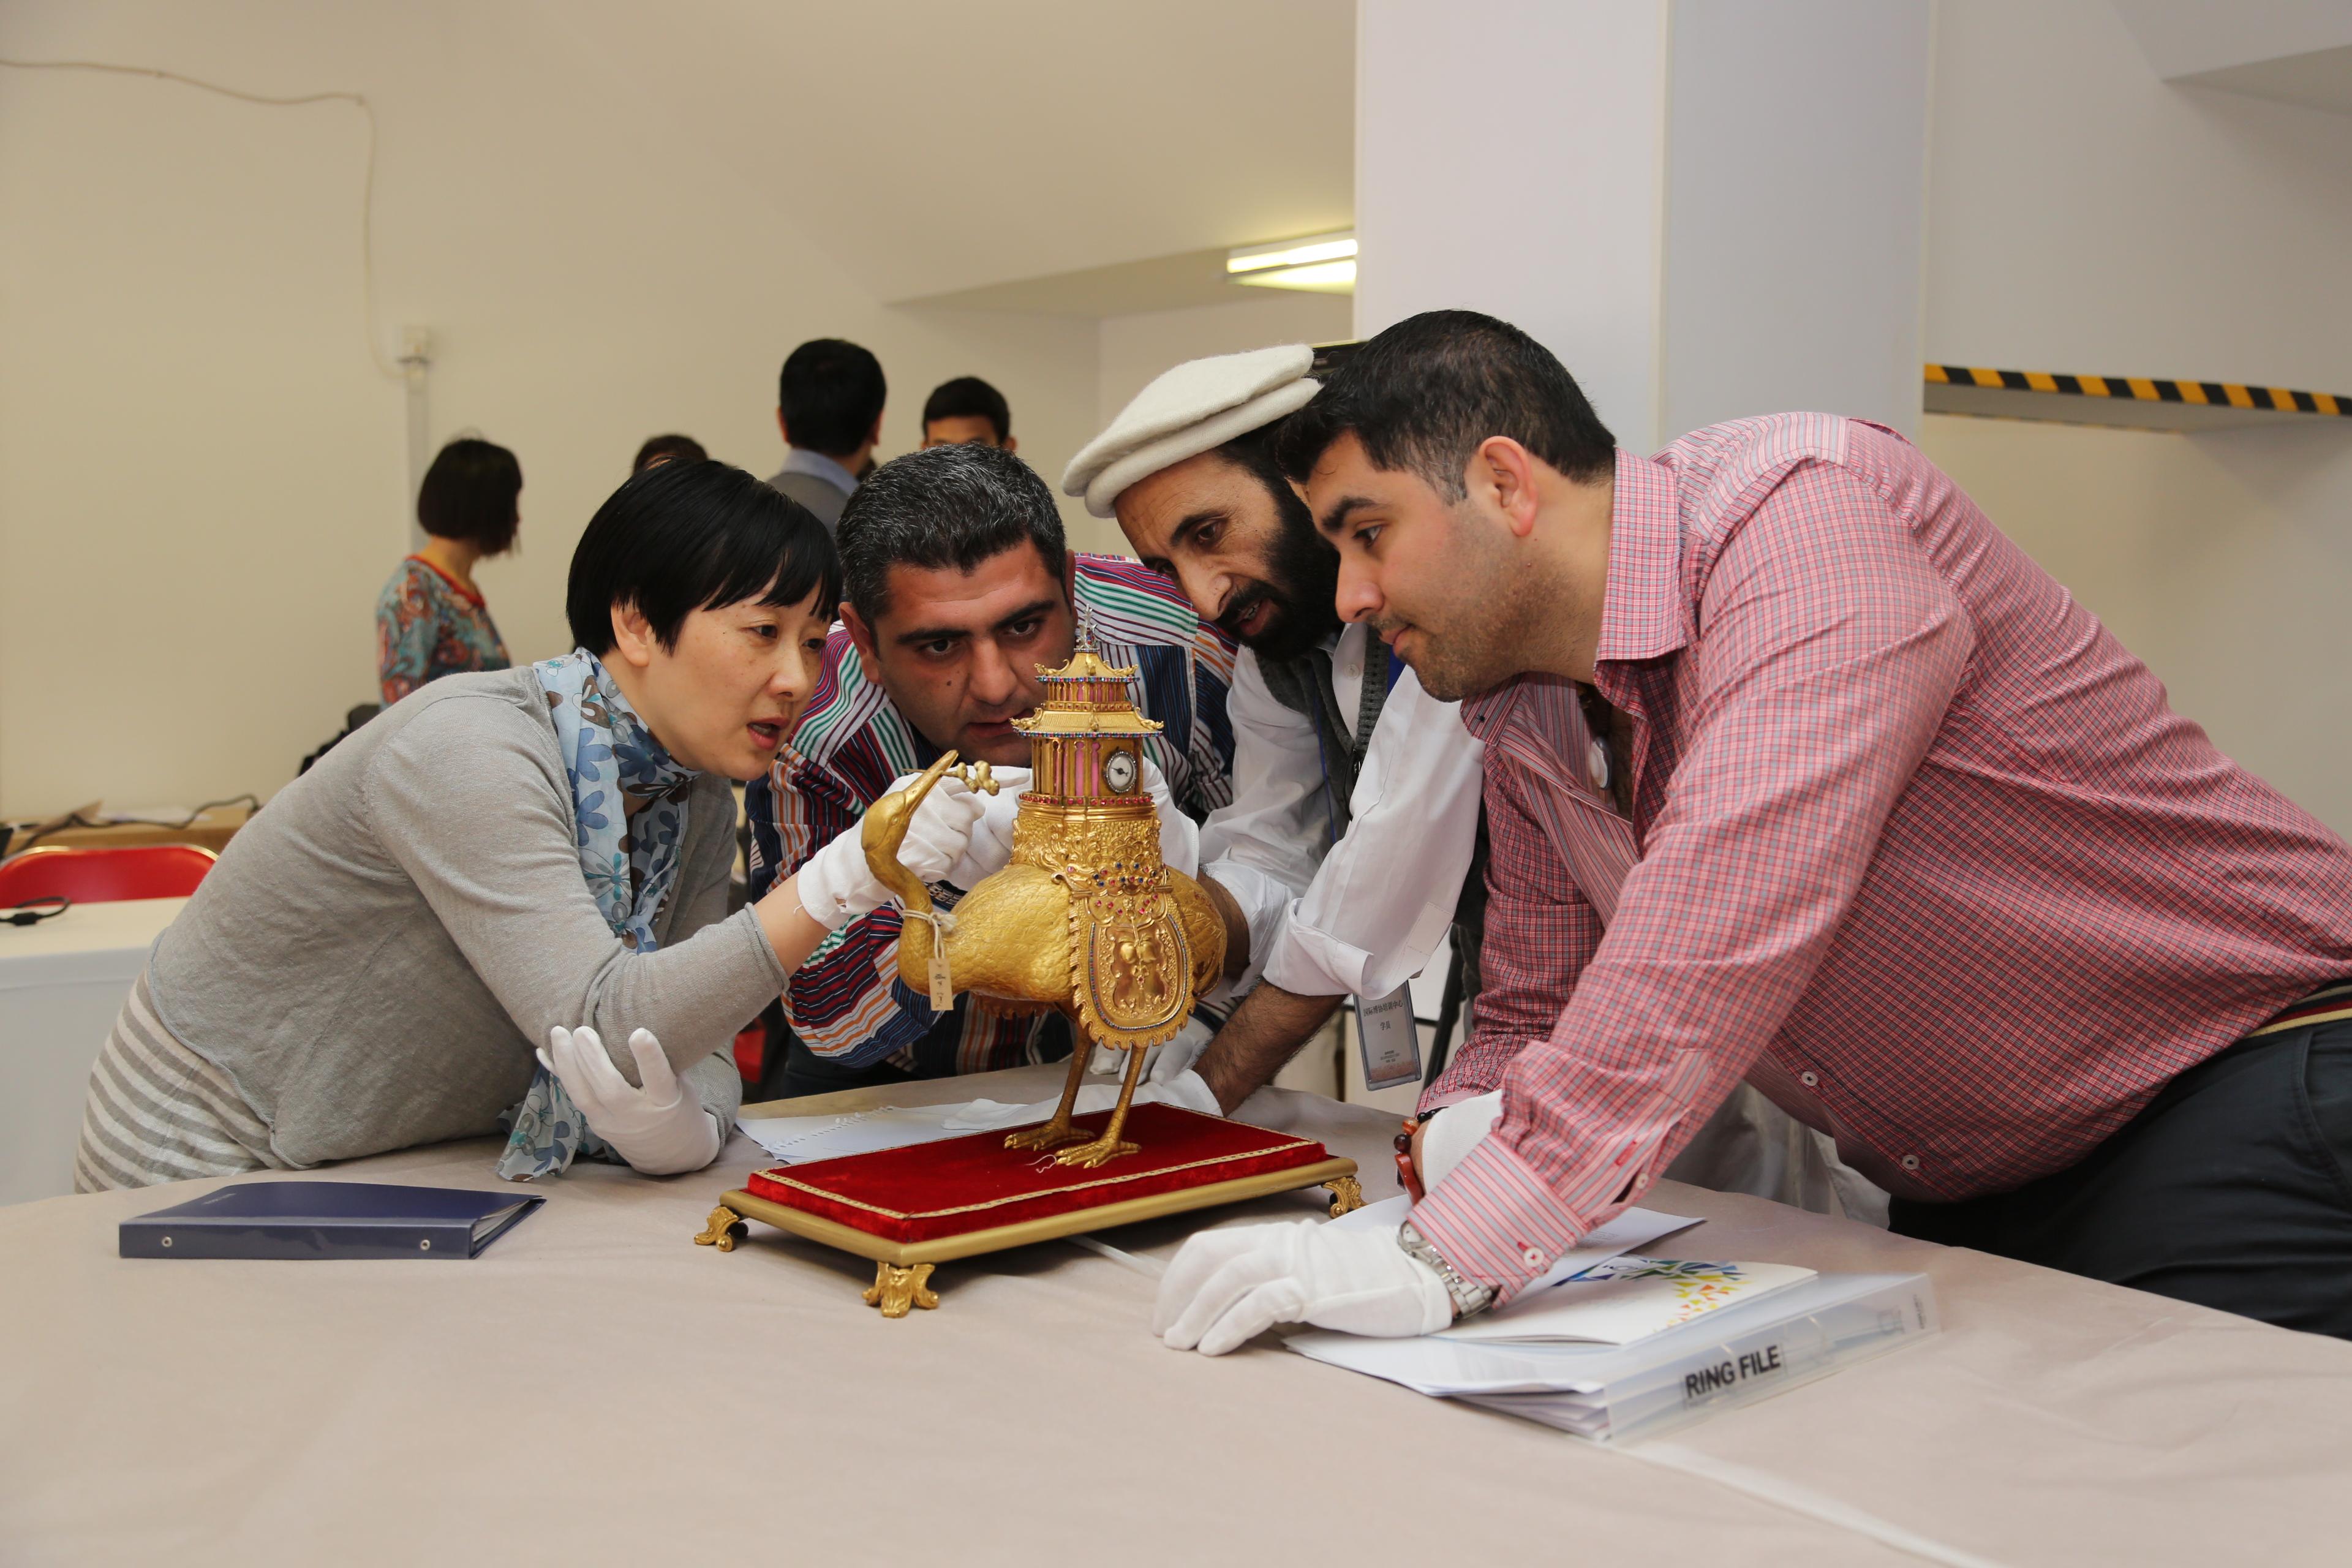 Centro Internacional De Formación En Museología (ICOM-ITC)